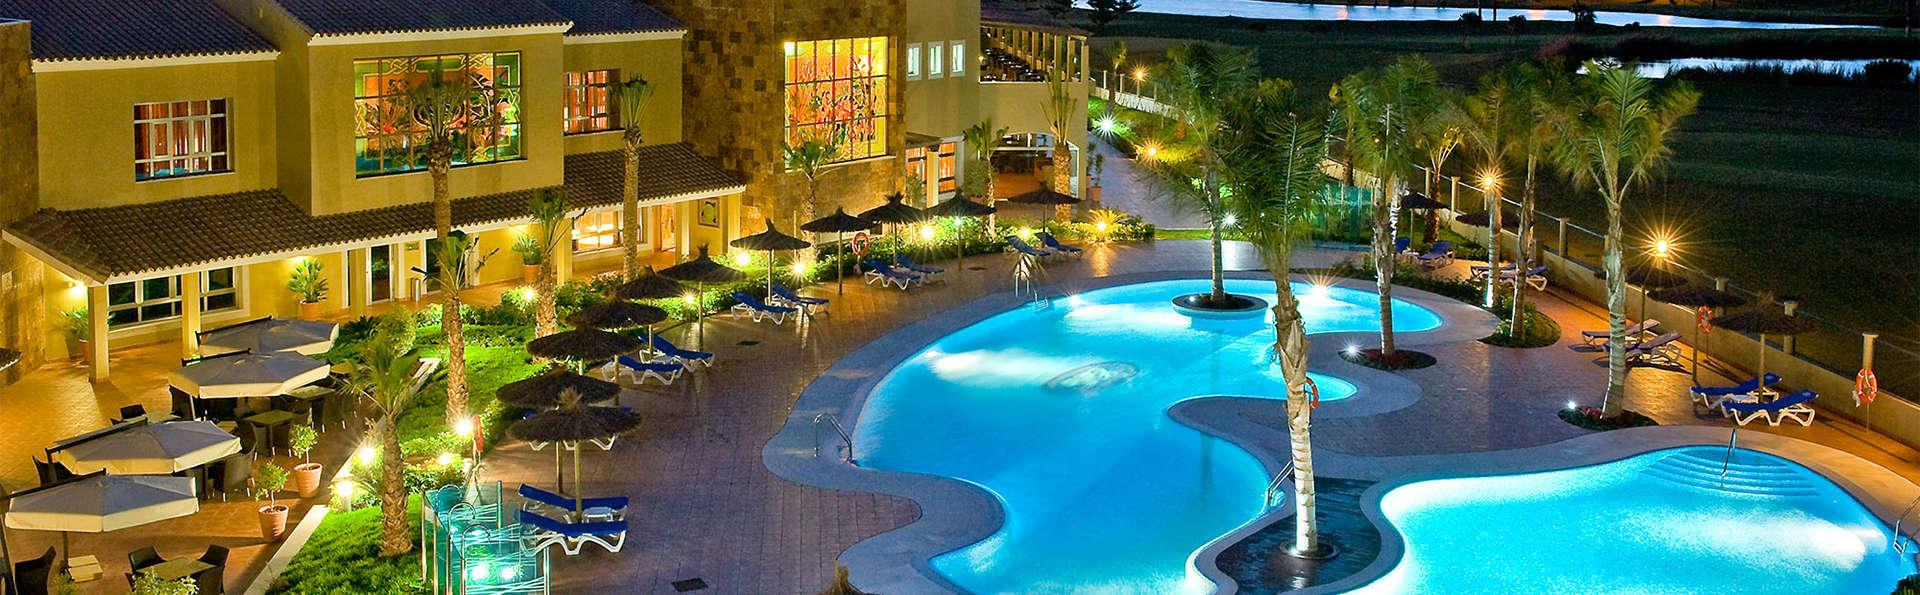 Escapada en Media pensión en un resort a un paso de la playa y muy cerca de Cádiz